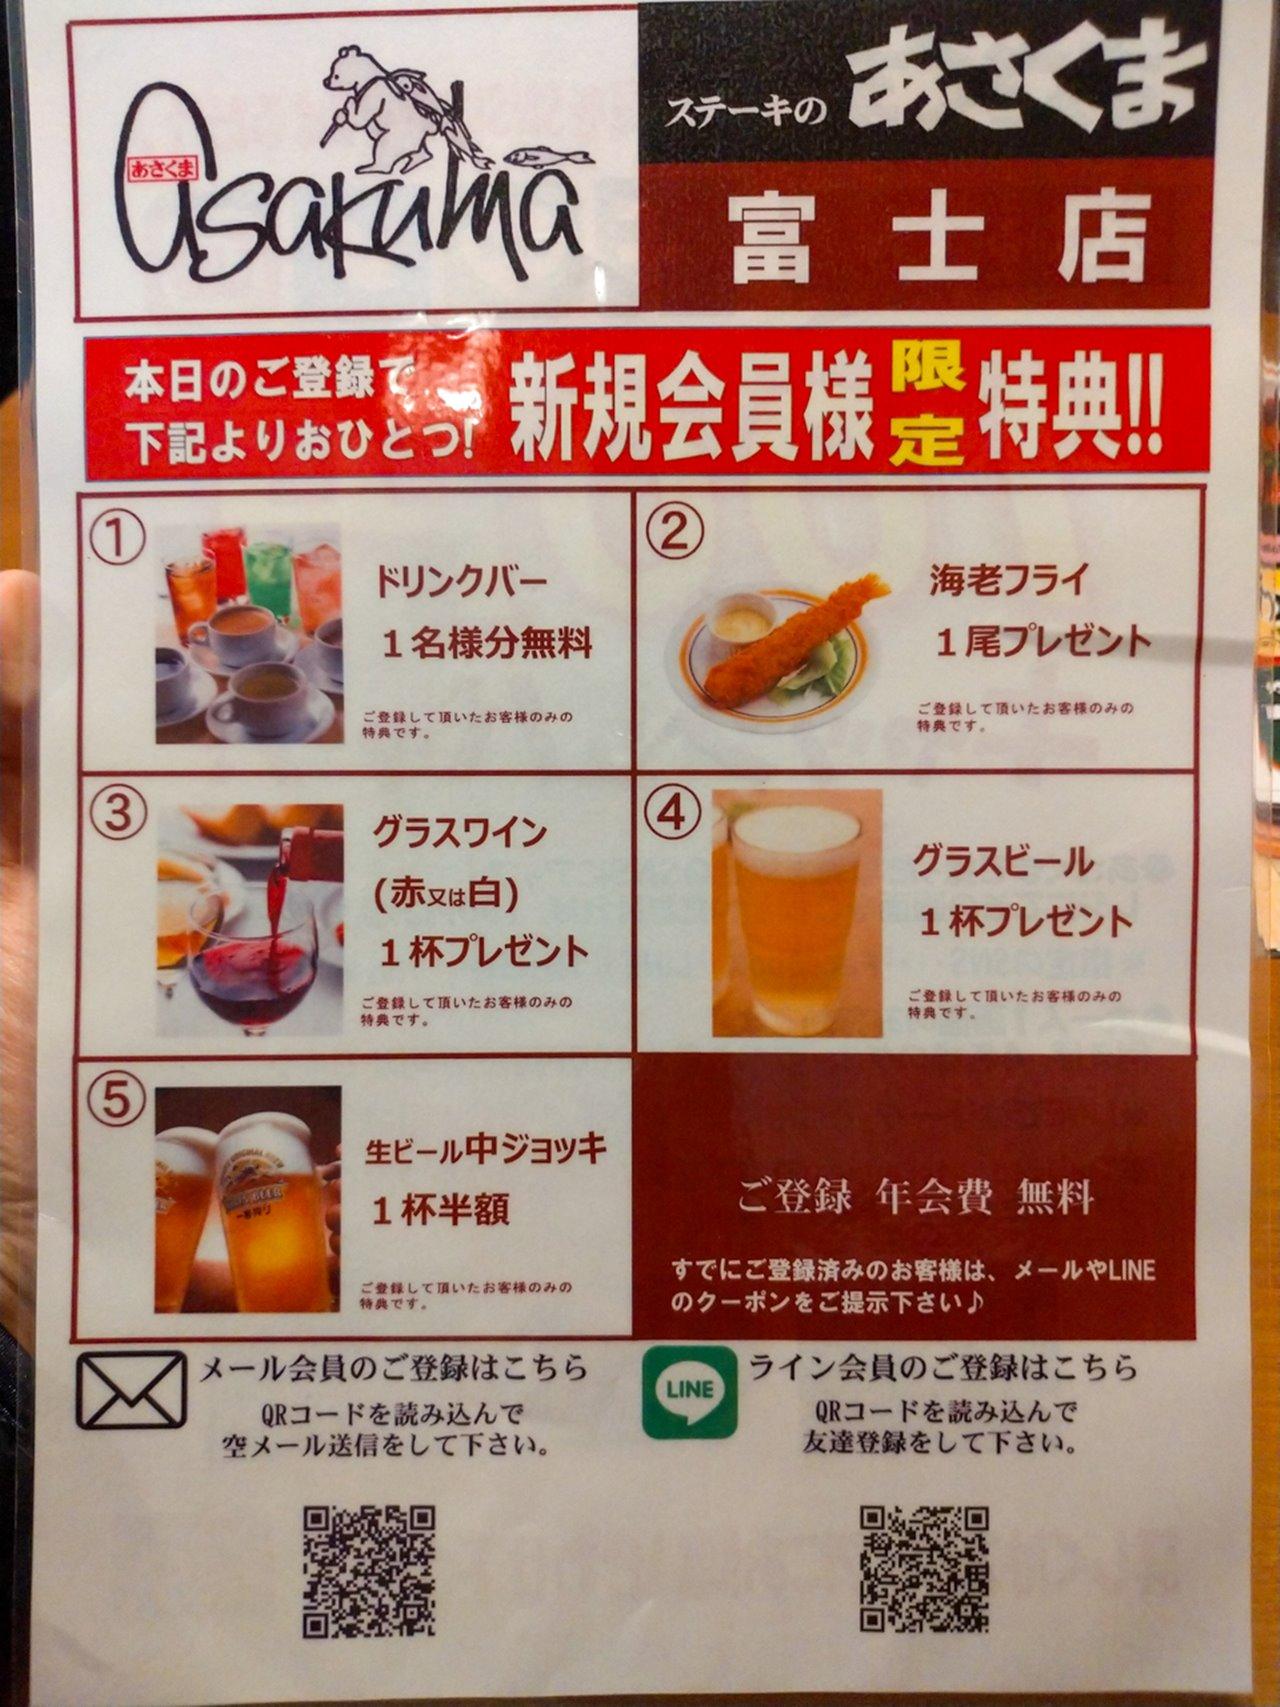 ステーキのあさくま富士店の特典